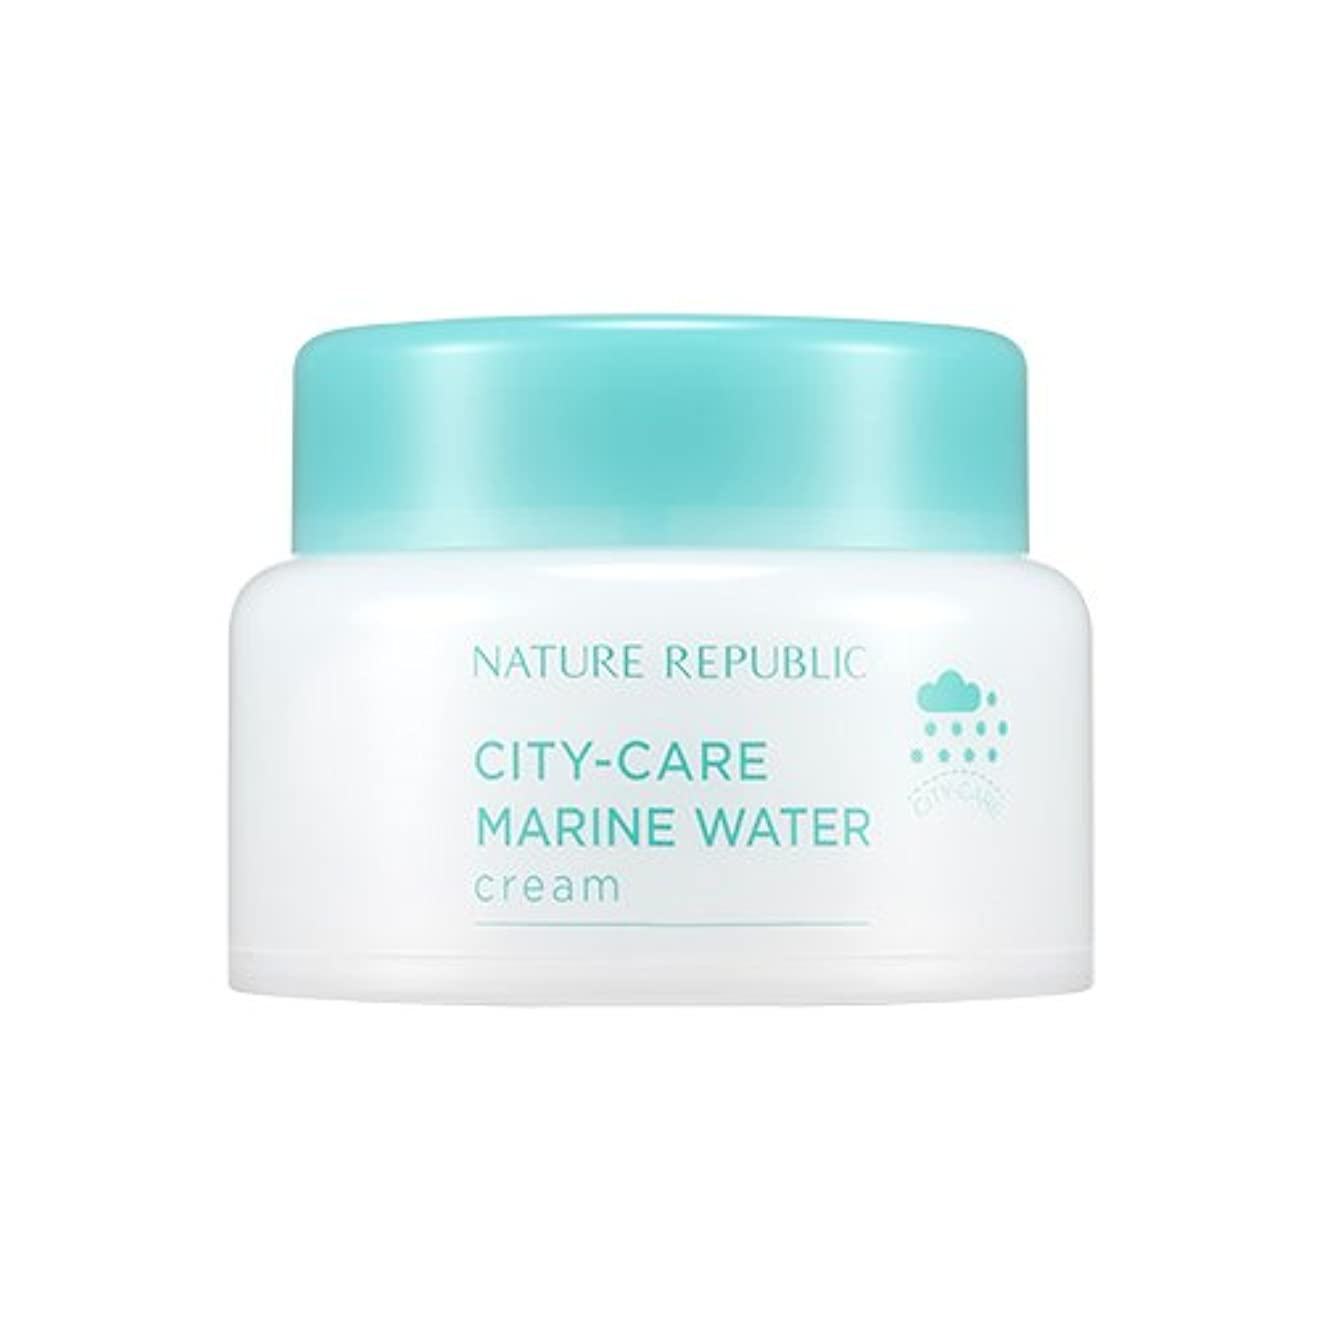 曲げるしかしながら不愉快にNature Republic City Care Marine Water Cream 50ml / ネイチャーリパブリックシティケアマリンウォータークリーム 50ml [並行輸入品]